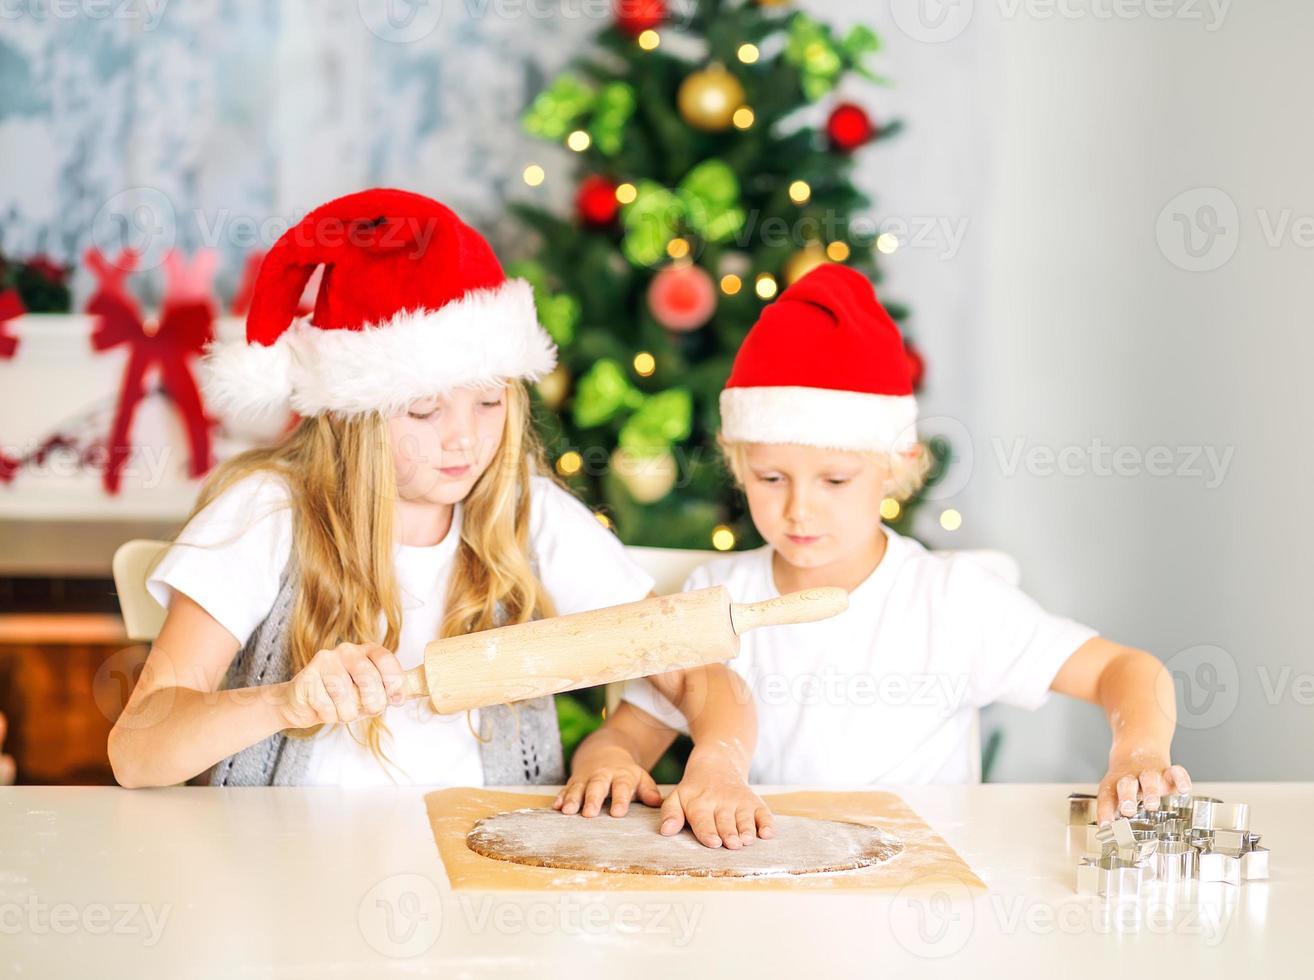 enfants préparant des biscuits de noël photo